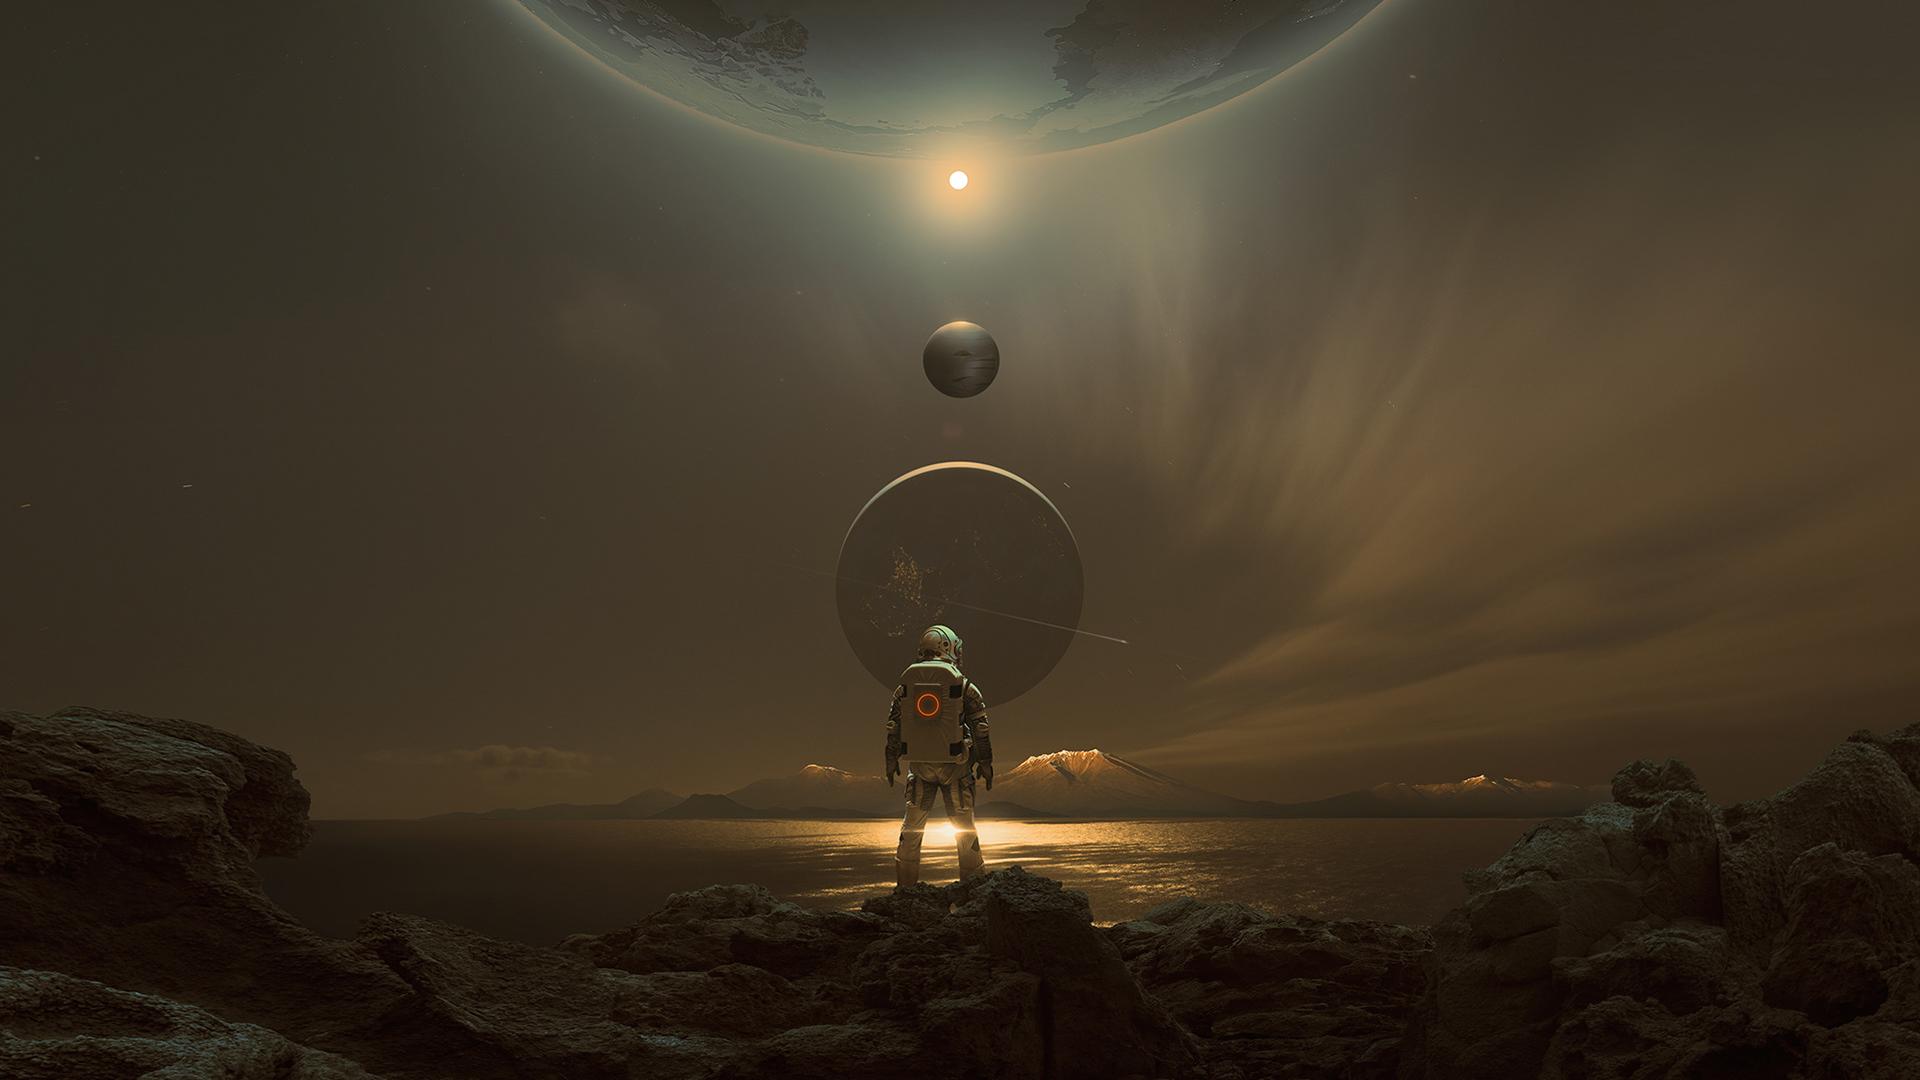 壁纸 宇航员 行星 空间 火星 天空 晚 科幻小说 未来派 太阳系